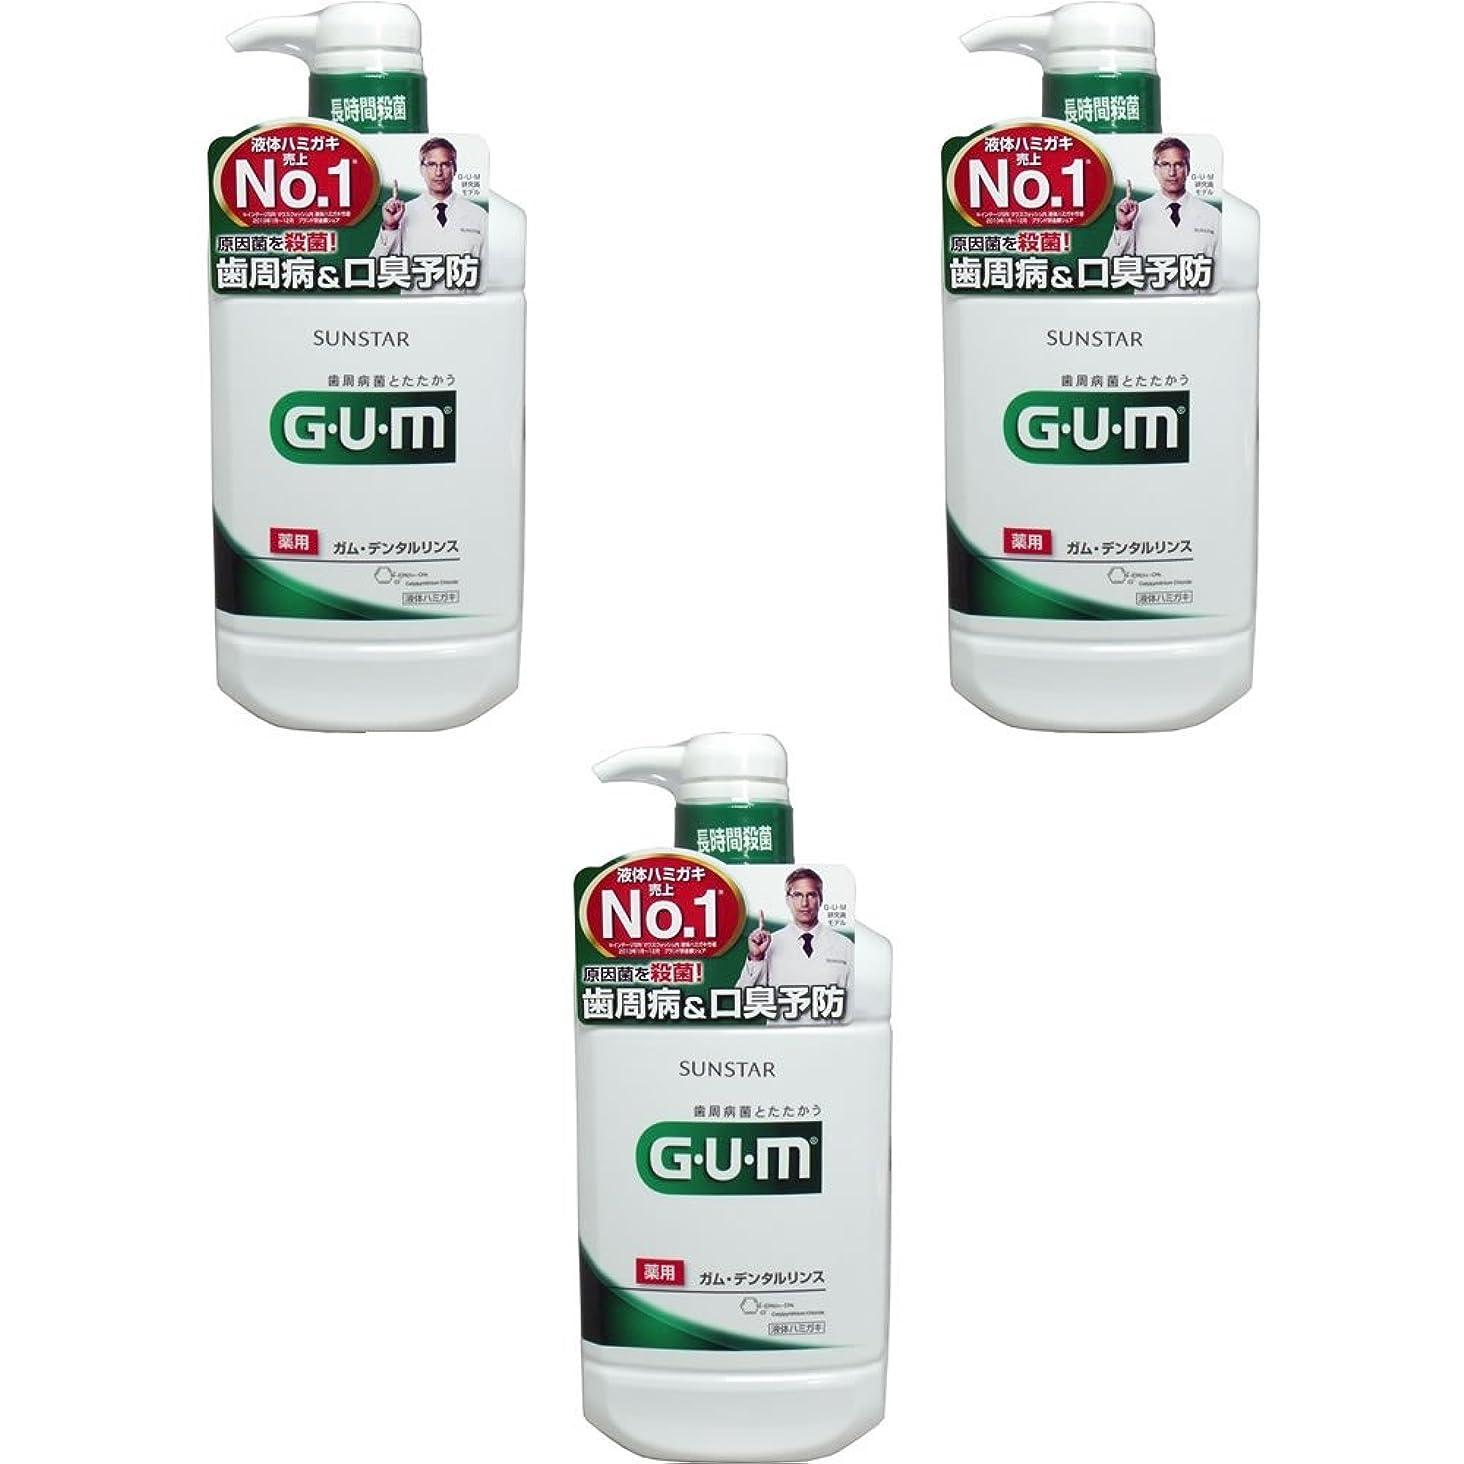 散文ずんぐりした言うまでもなく【セット品】GUM(ガム)?デンタルリンス (レギュラータイプ) 960mL (医薬部外品) 3個